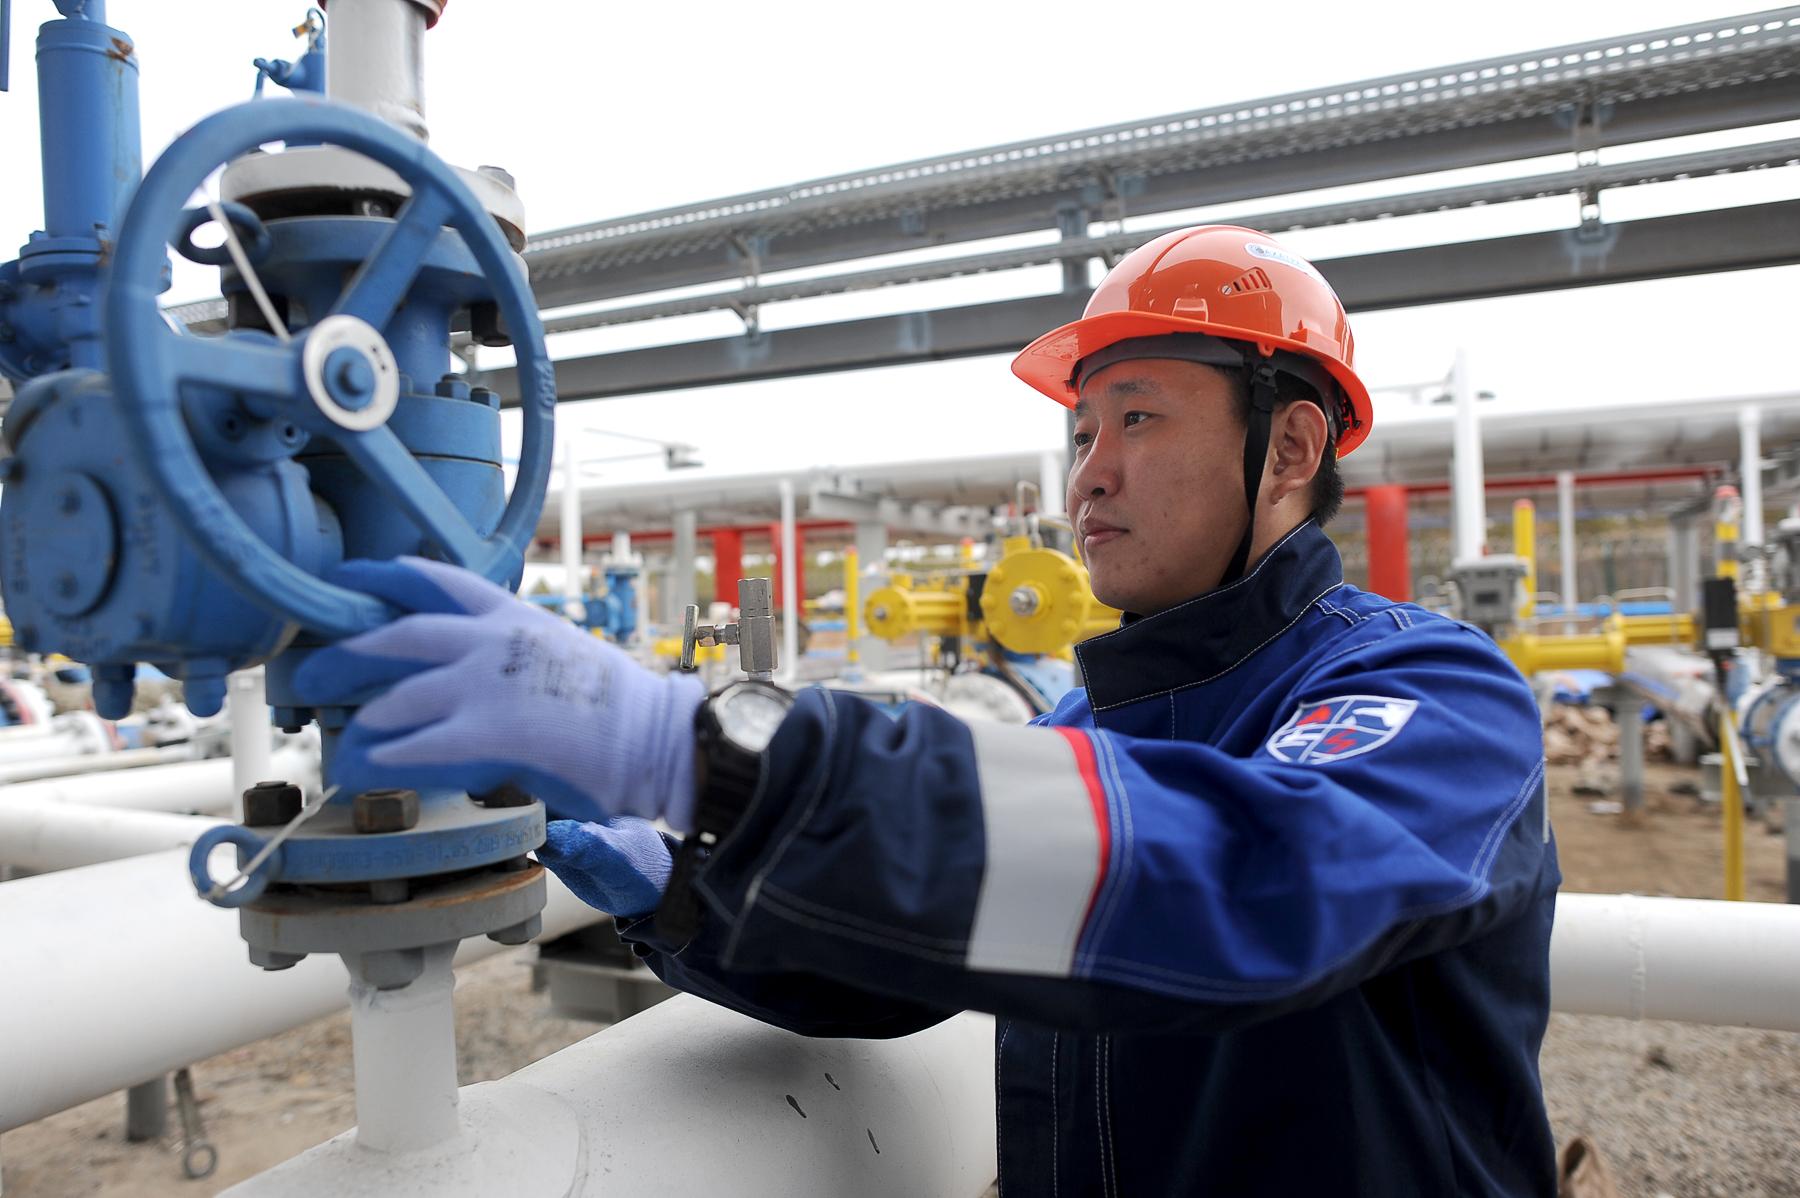 Айсен БАИШЕВ: «Мечтал быть вовлеченным в нефтегазовое дело Якутии!»